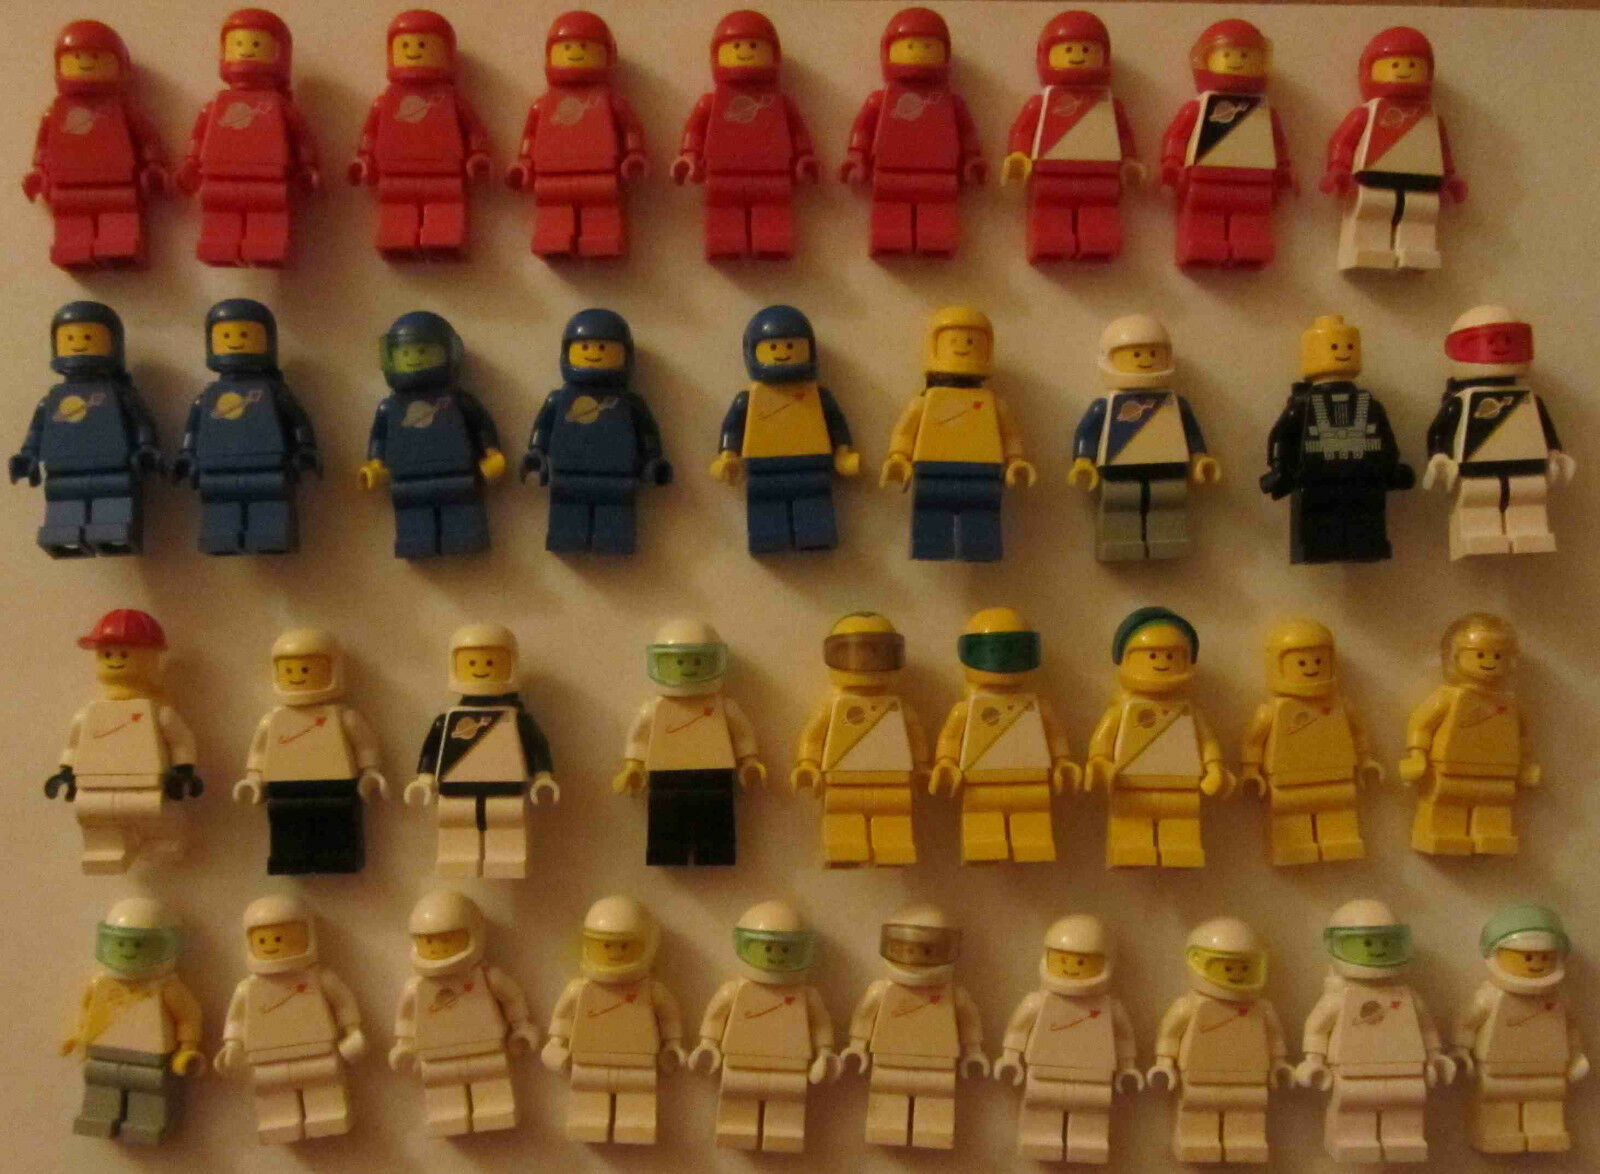 37 Lego Figuren Figuren Figuren Space Weltraum Astronaut Weltall 3e1f70